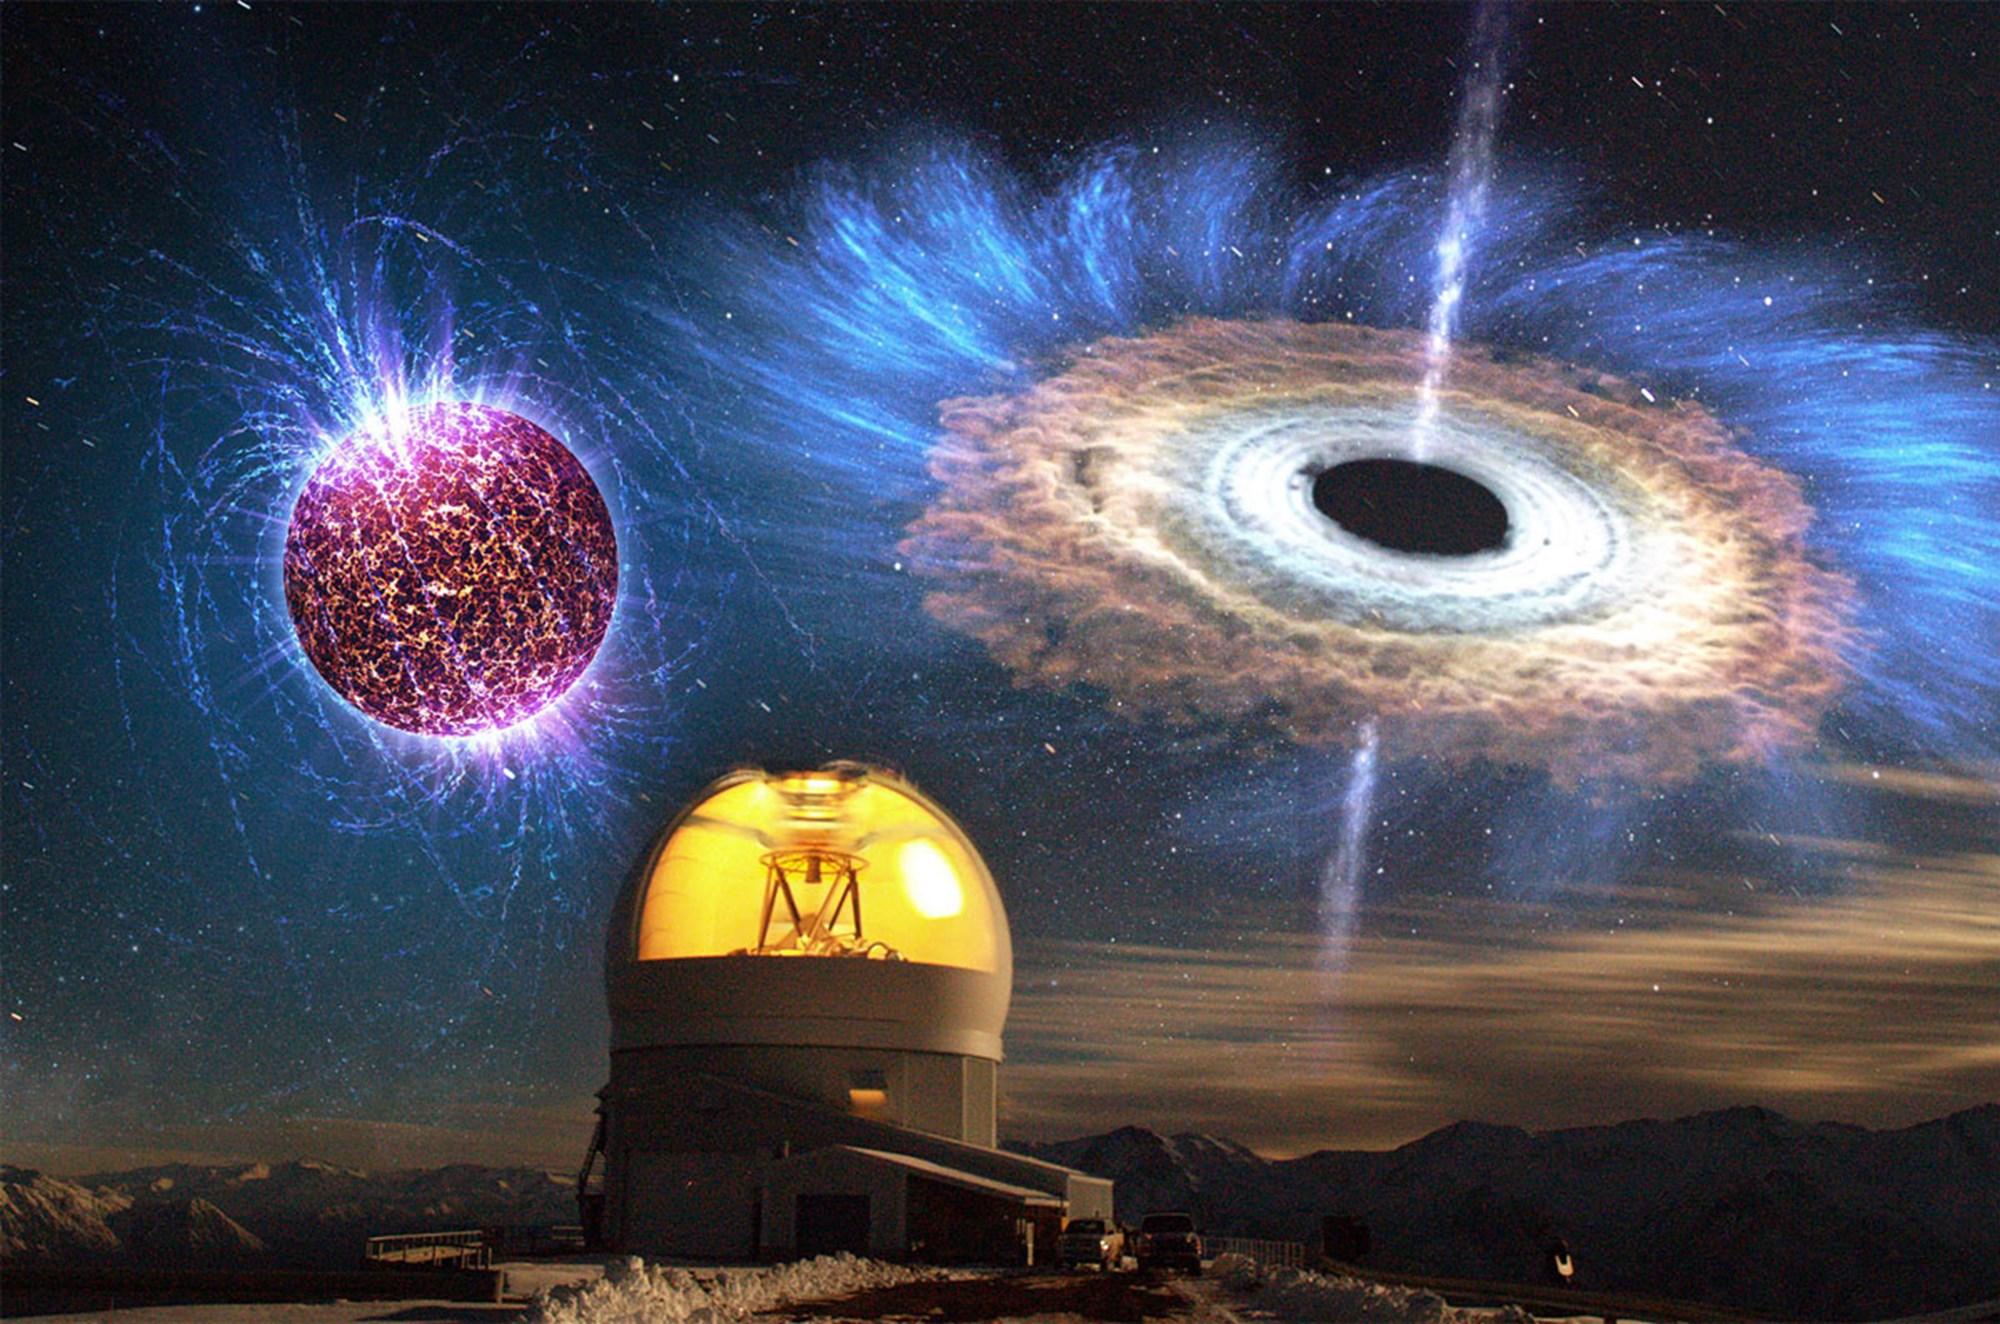 Astronomen rätseln über gewaltige Explosion in ferner Galaxie